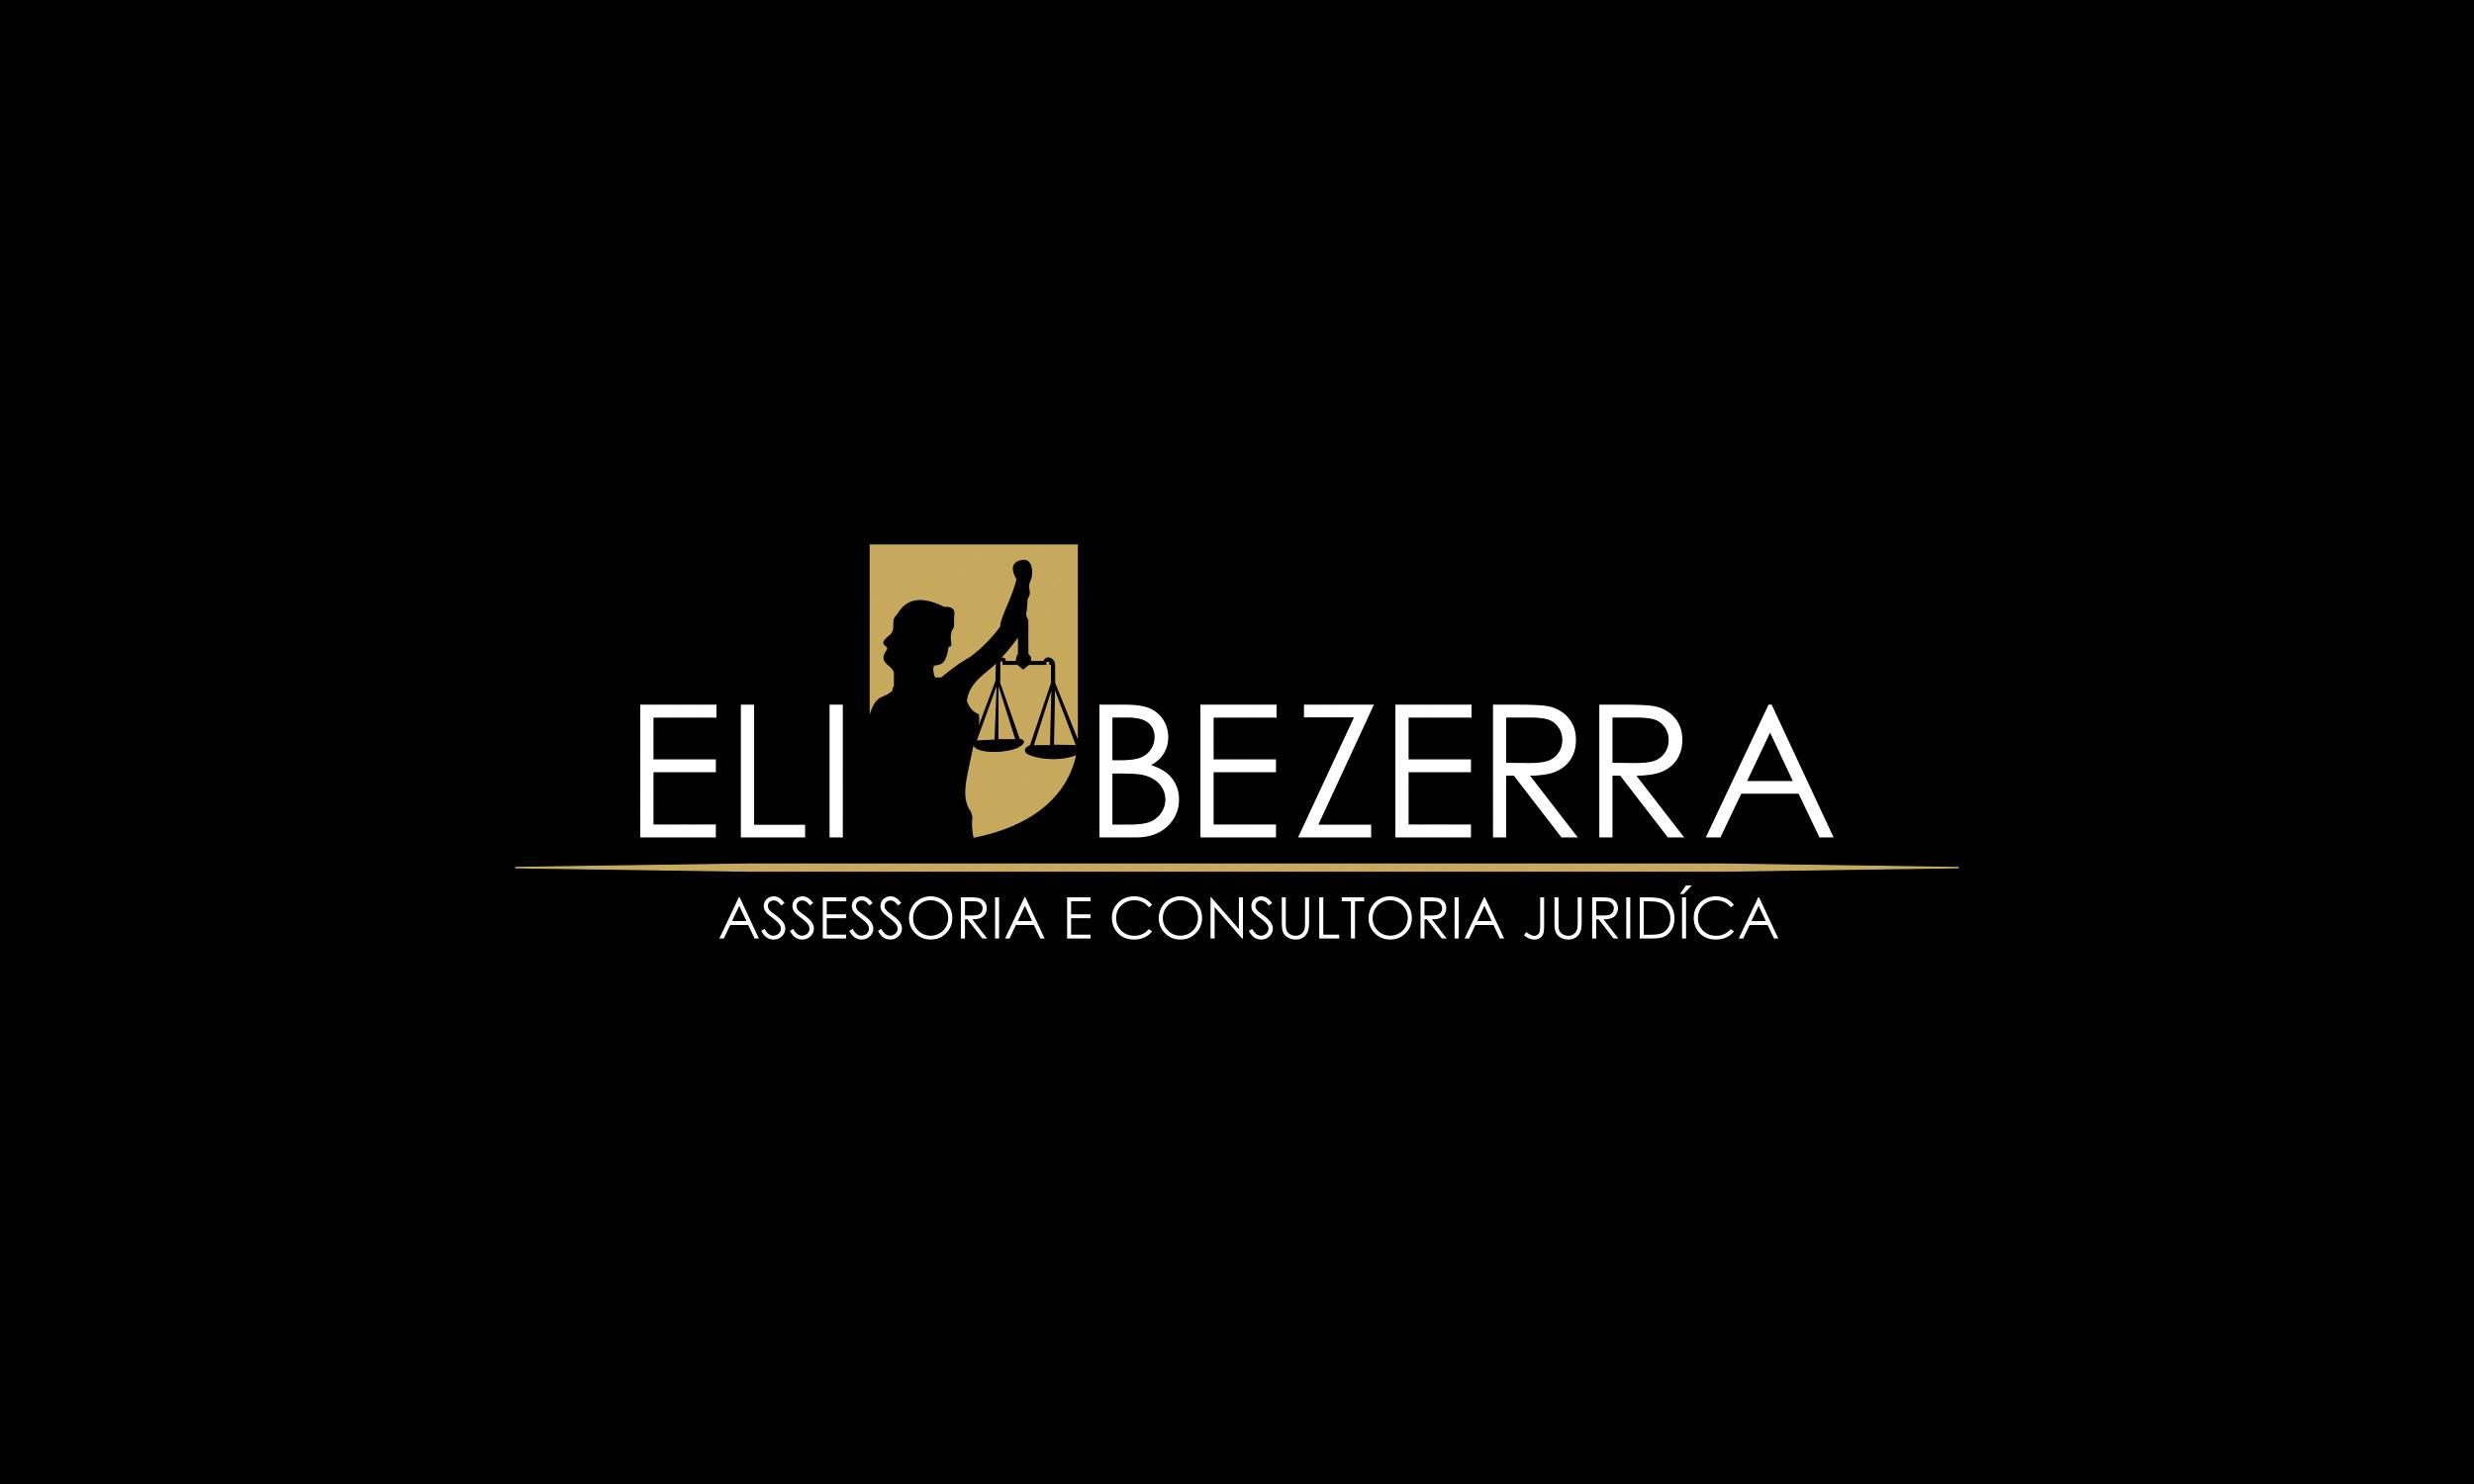 Eli Bezerra